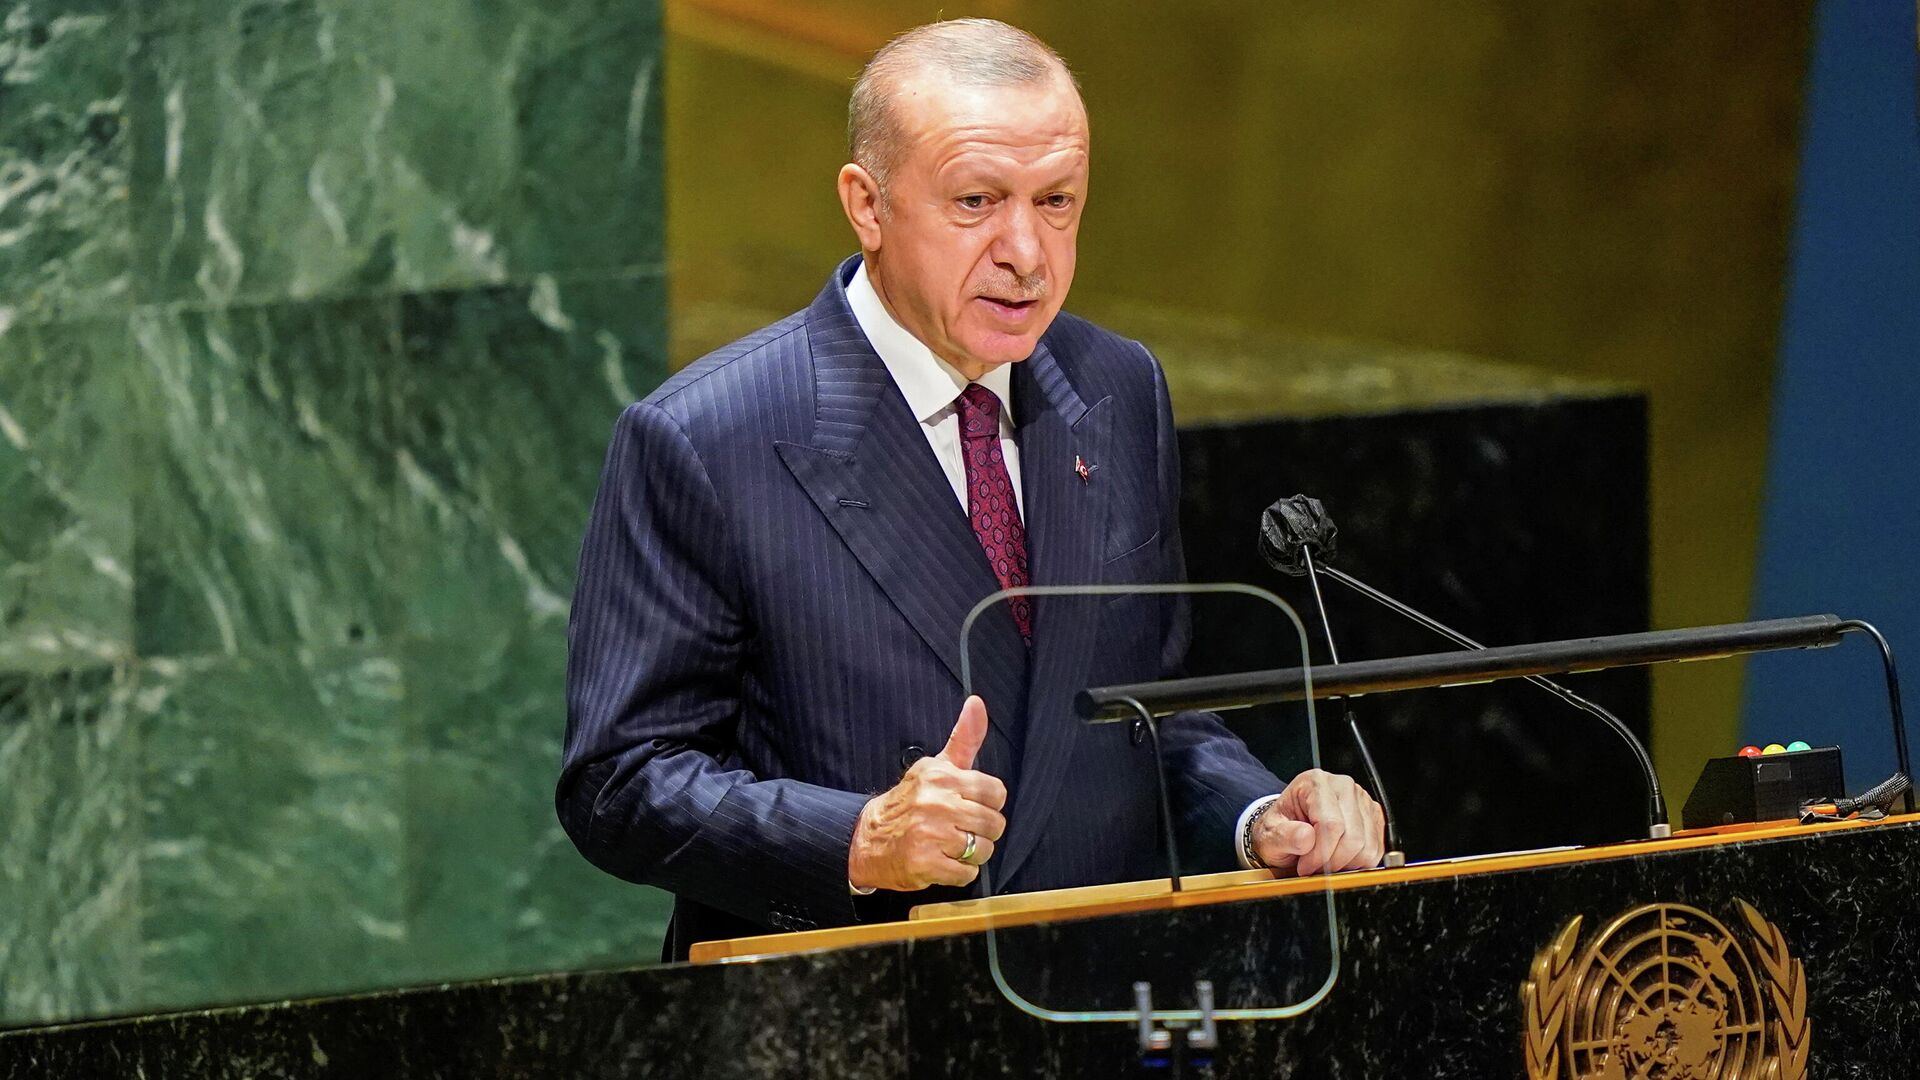 """Эрдоган заявил на Генассамблее ООН об """"аннексированном"""" Крыме - РИА  Новости, 22.09.2021"""